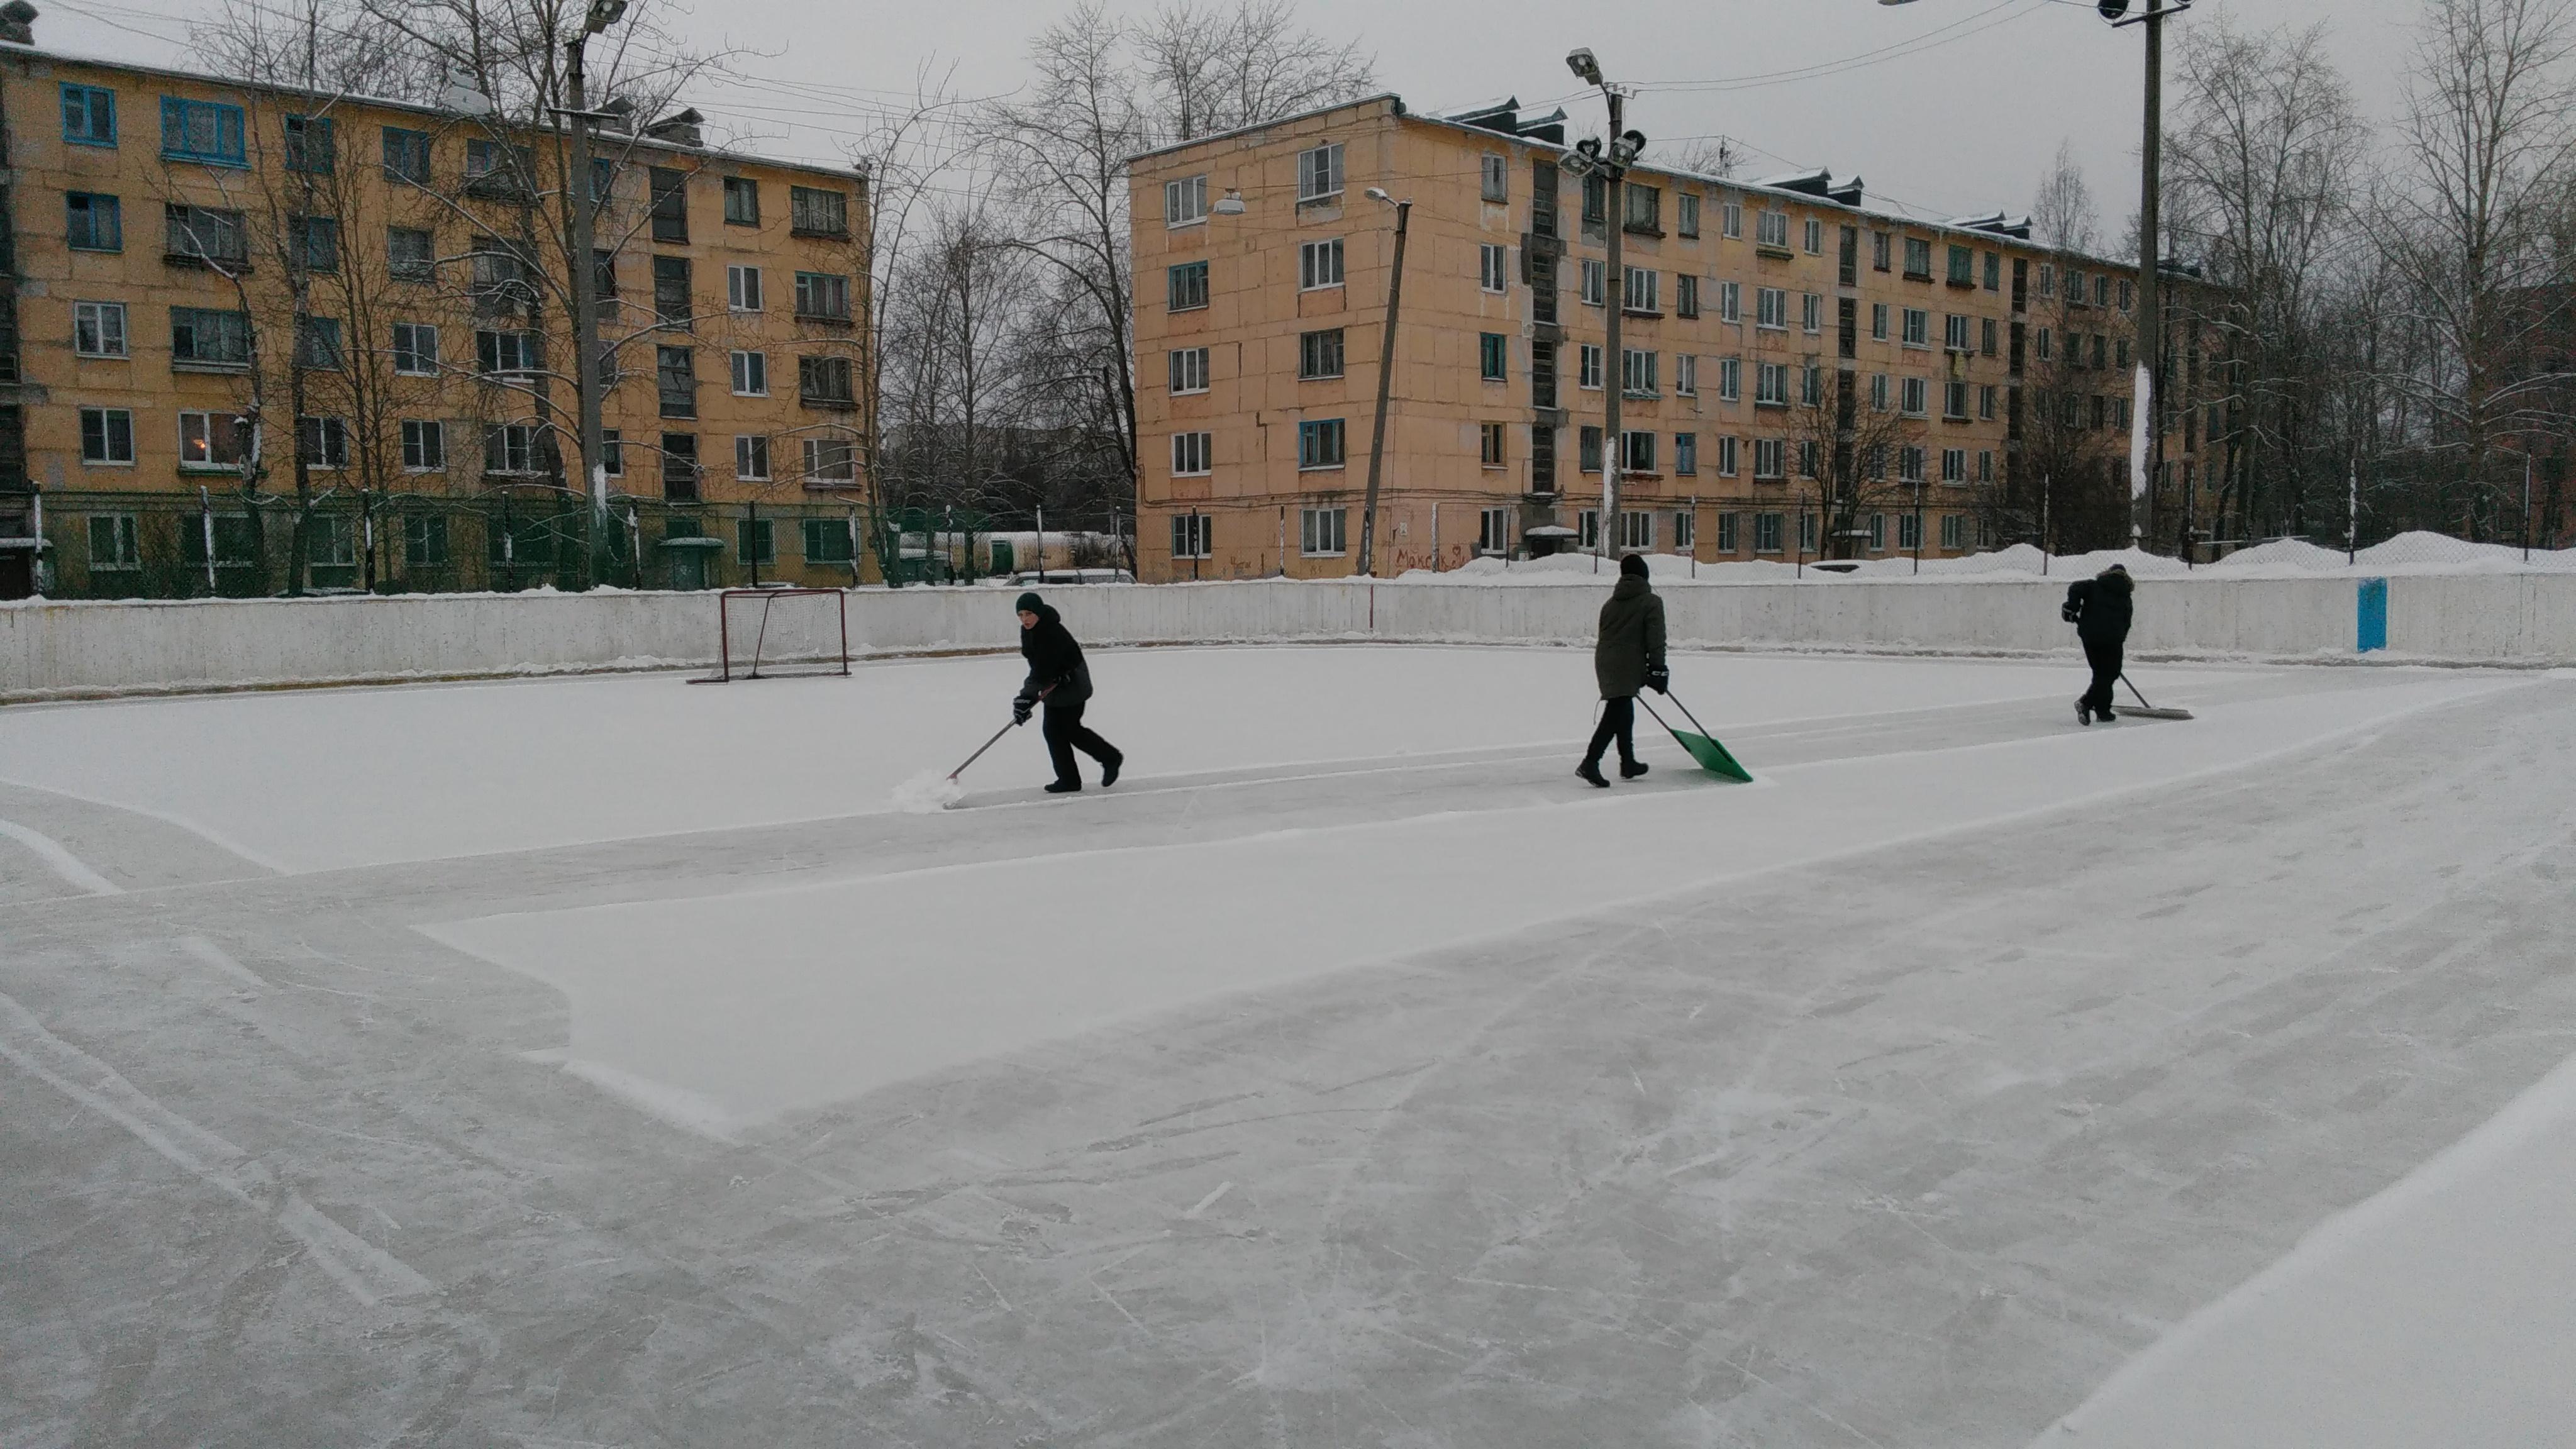 О Ледовом дворце юным сегежским хоккеистам приходится только мечтать. Фото: Наталья Соколова